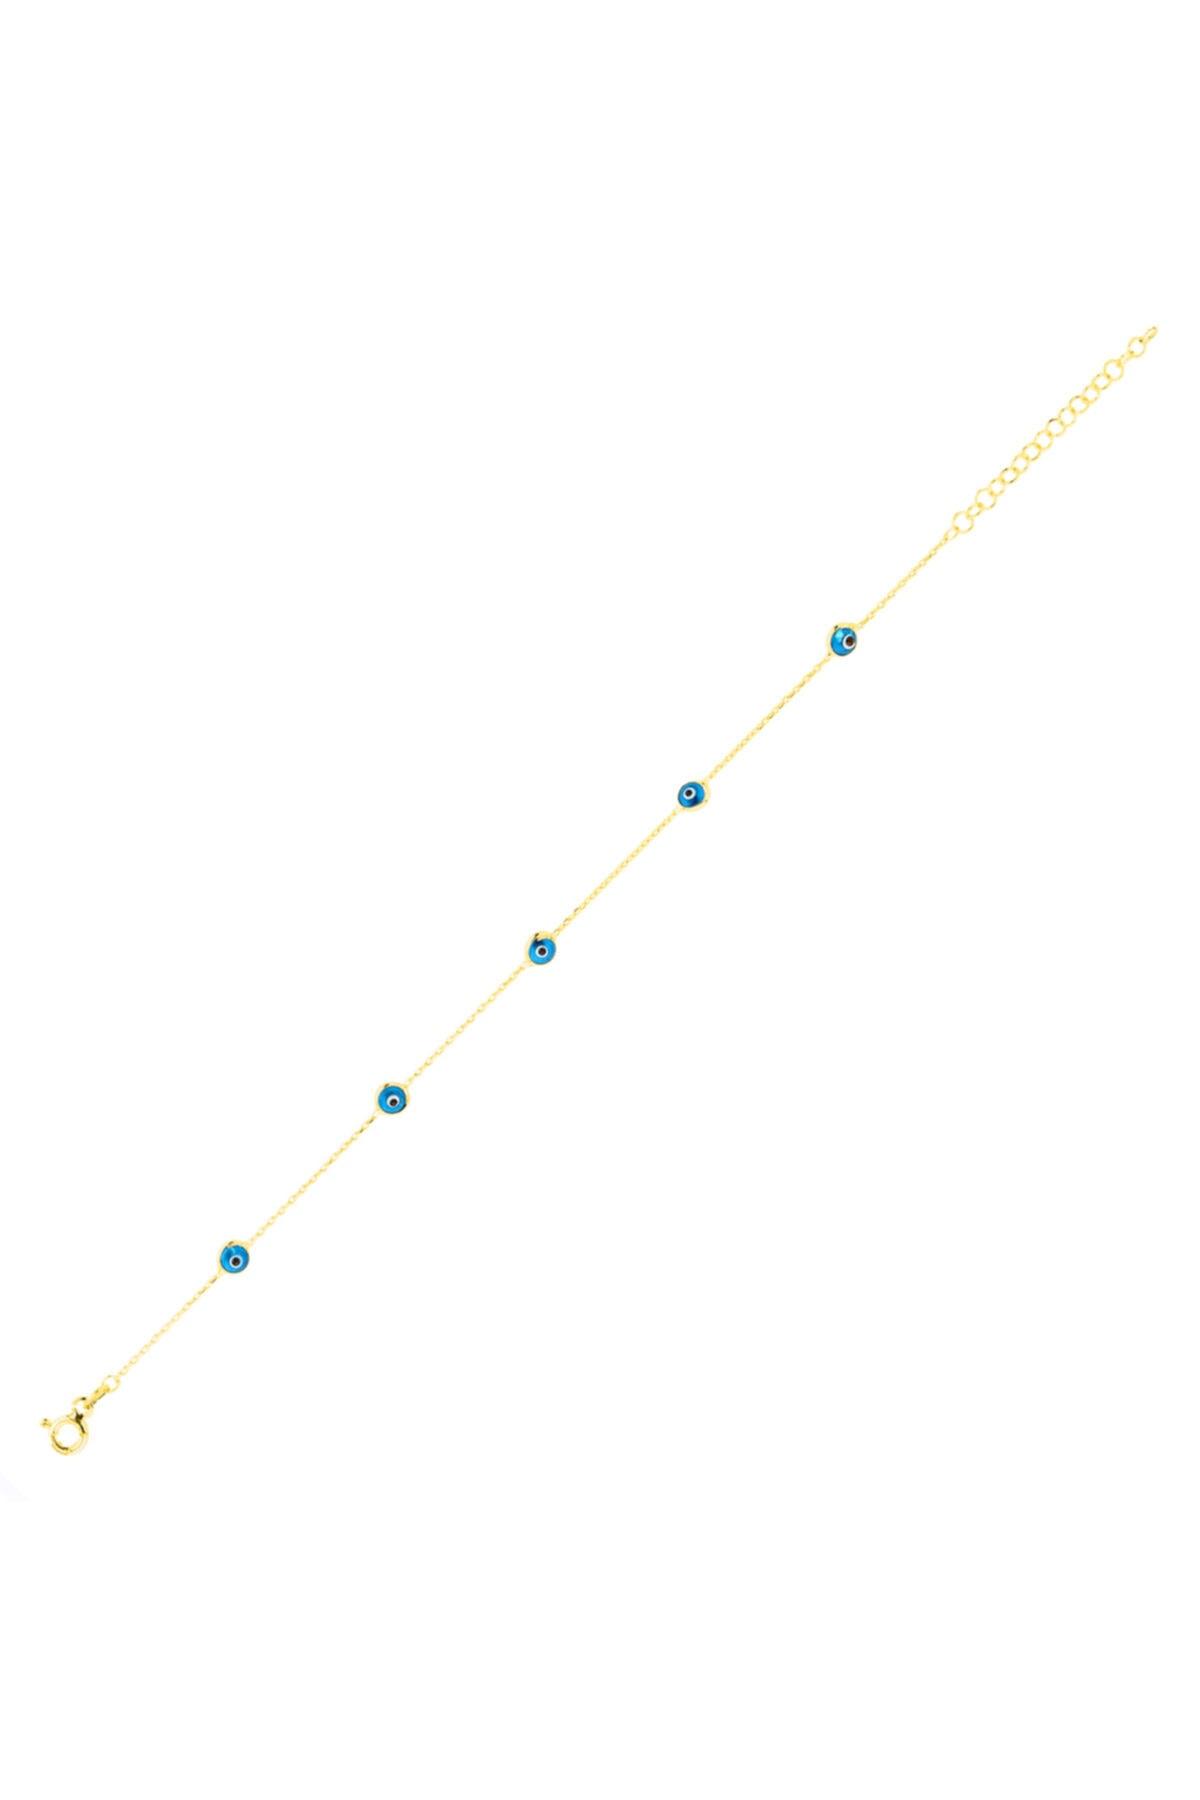 XSilver Kadın Nazar Boncuğu Sıra Taşlı Altın Rengi Gümüş Bileklik 1